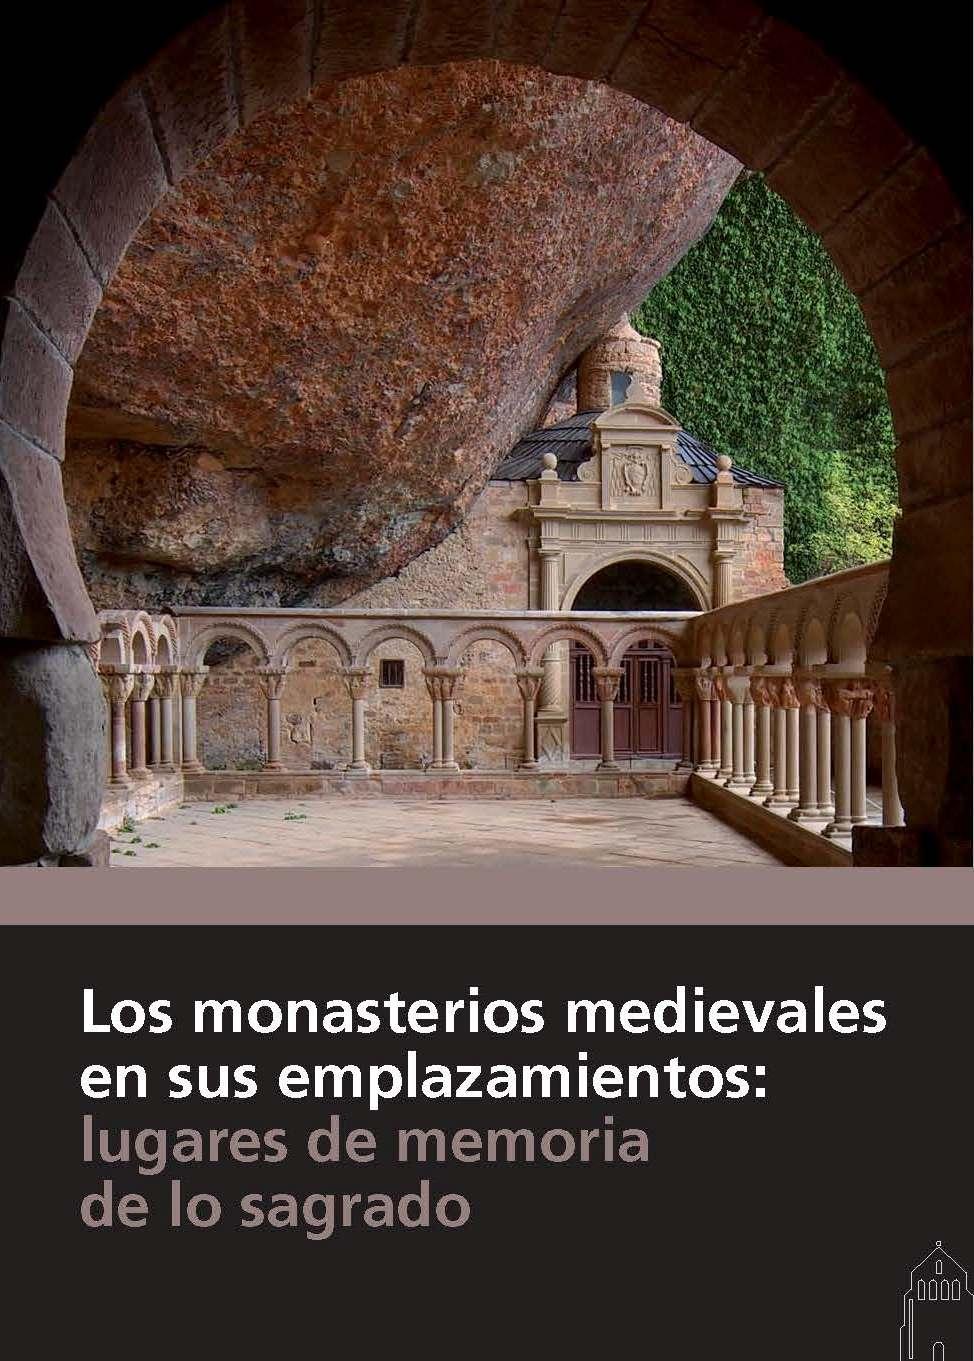 Portada libro monasterios medievales